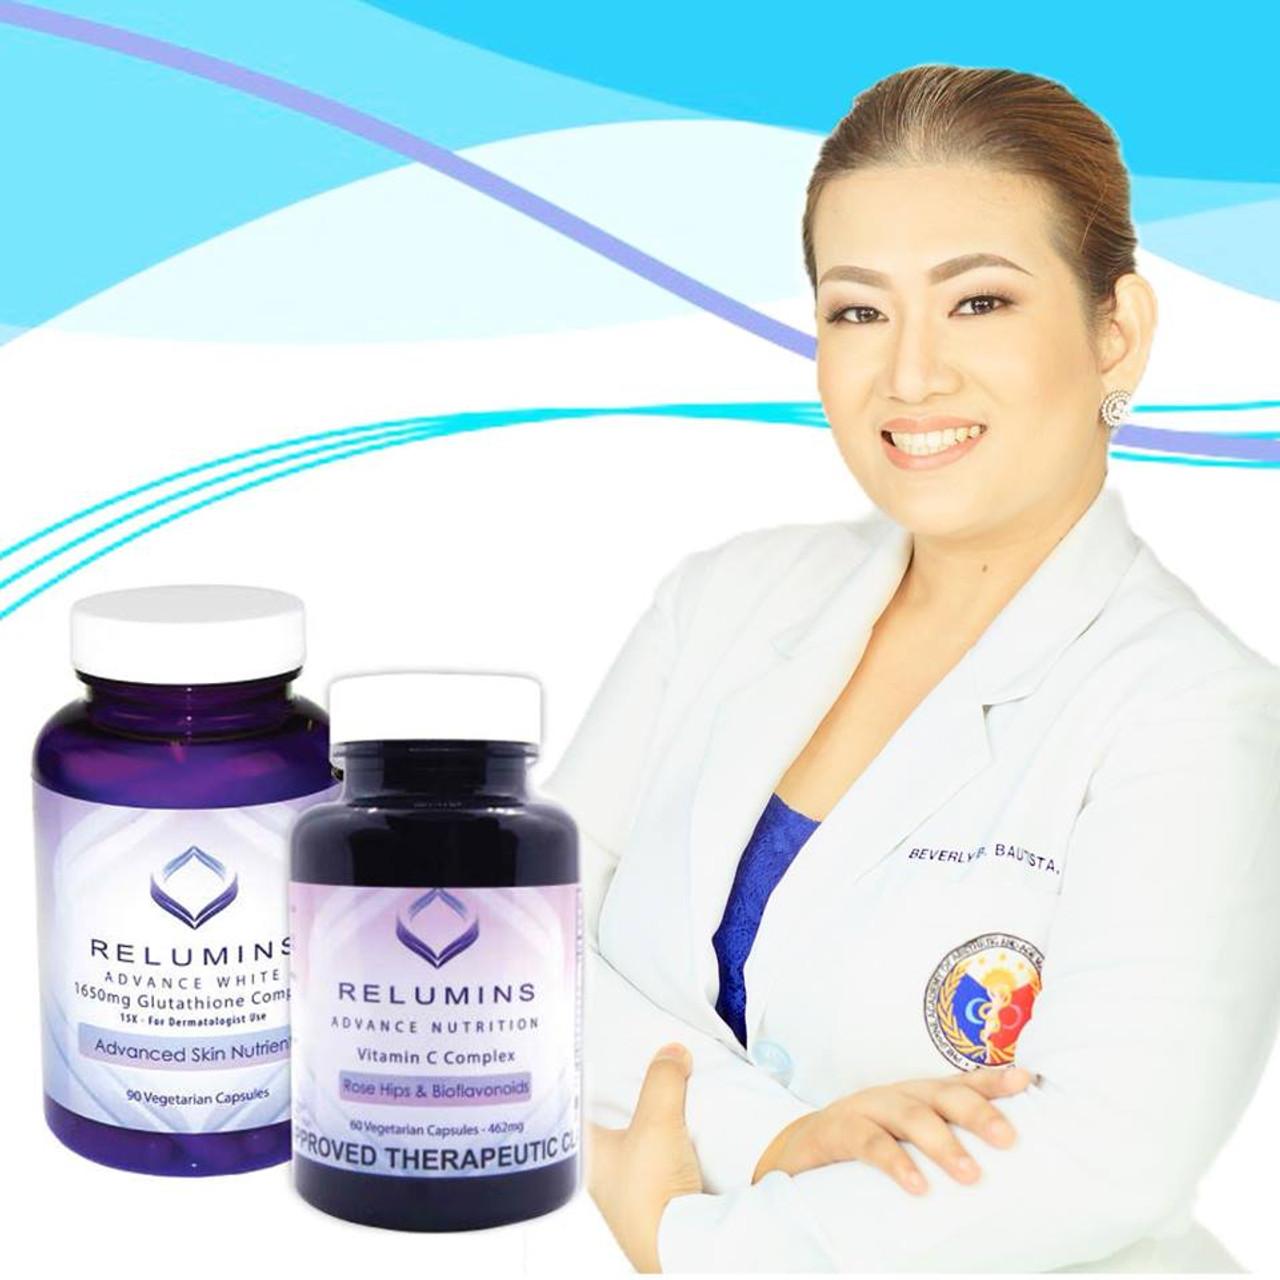 RELUMINS ADVANCE WHITE 1650mg Skin Whitening Glutathione Complex 15x & RELUMINS Vitamin C 60 Capsules